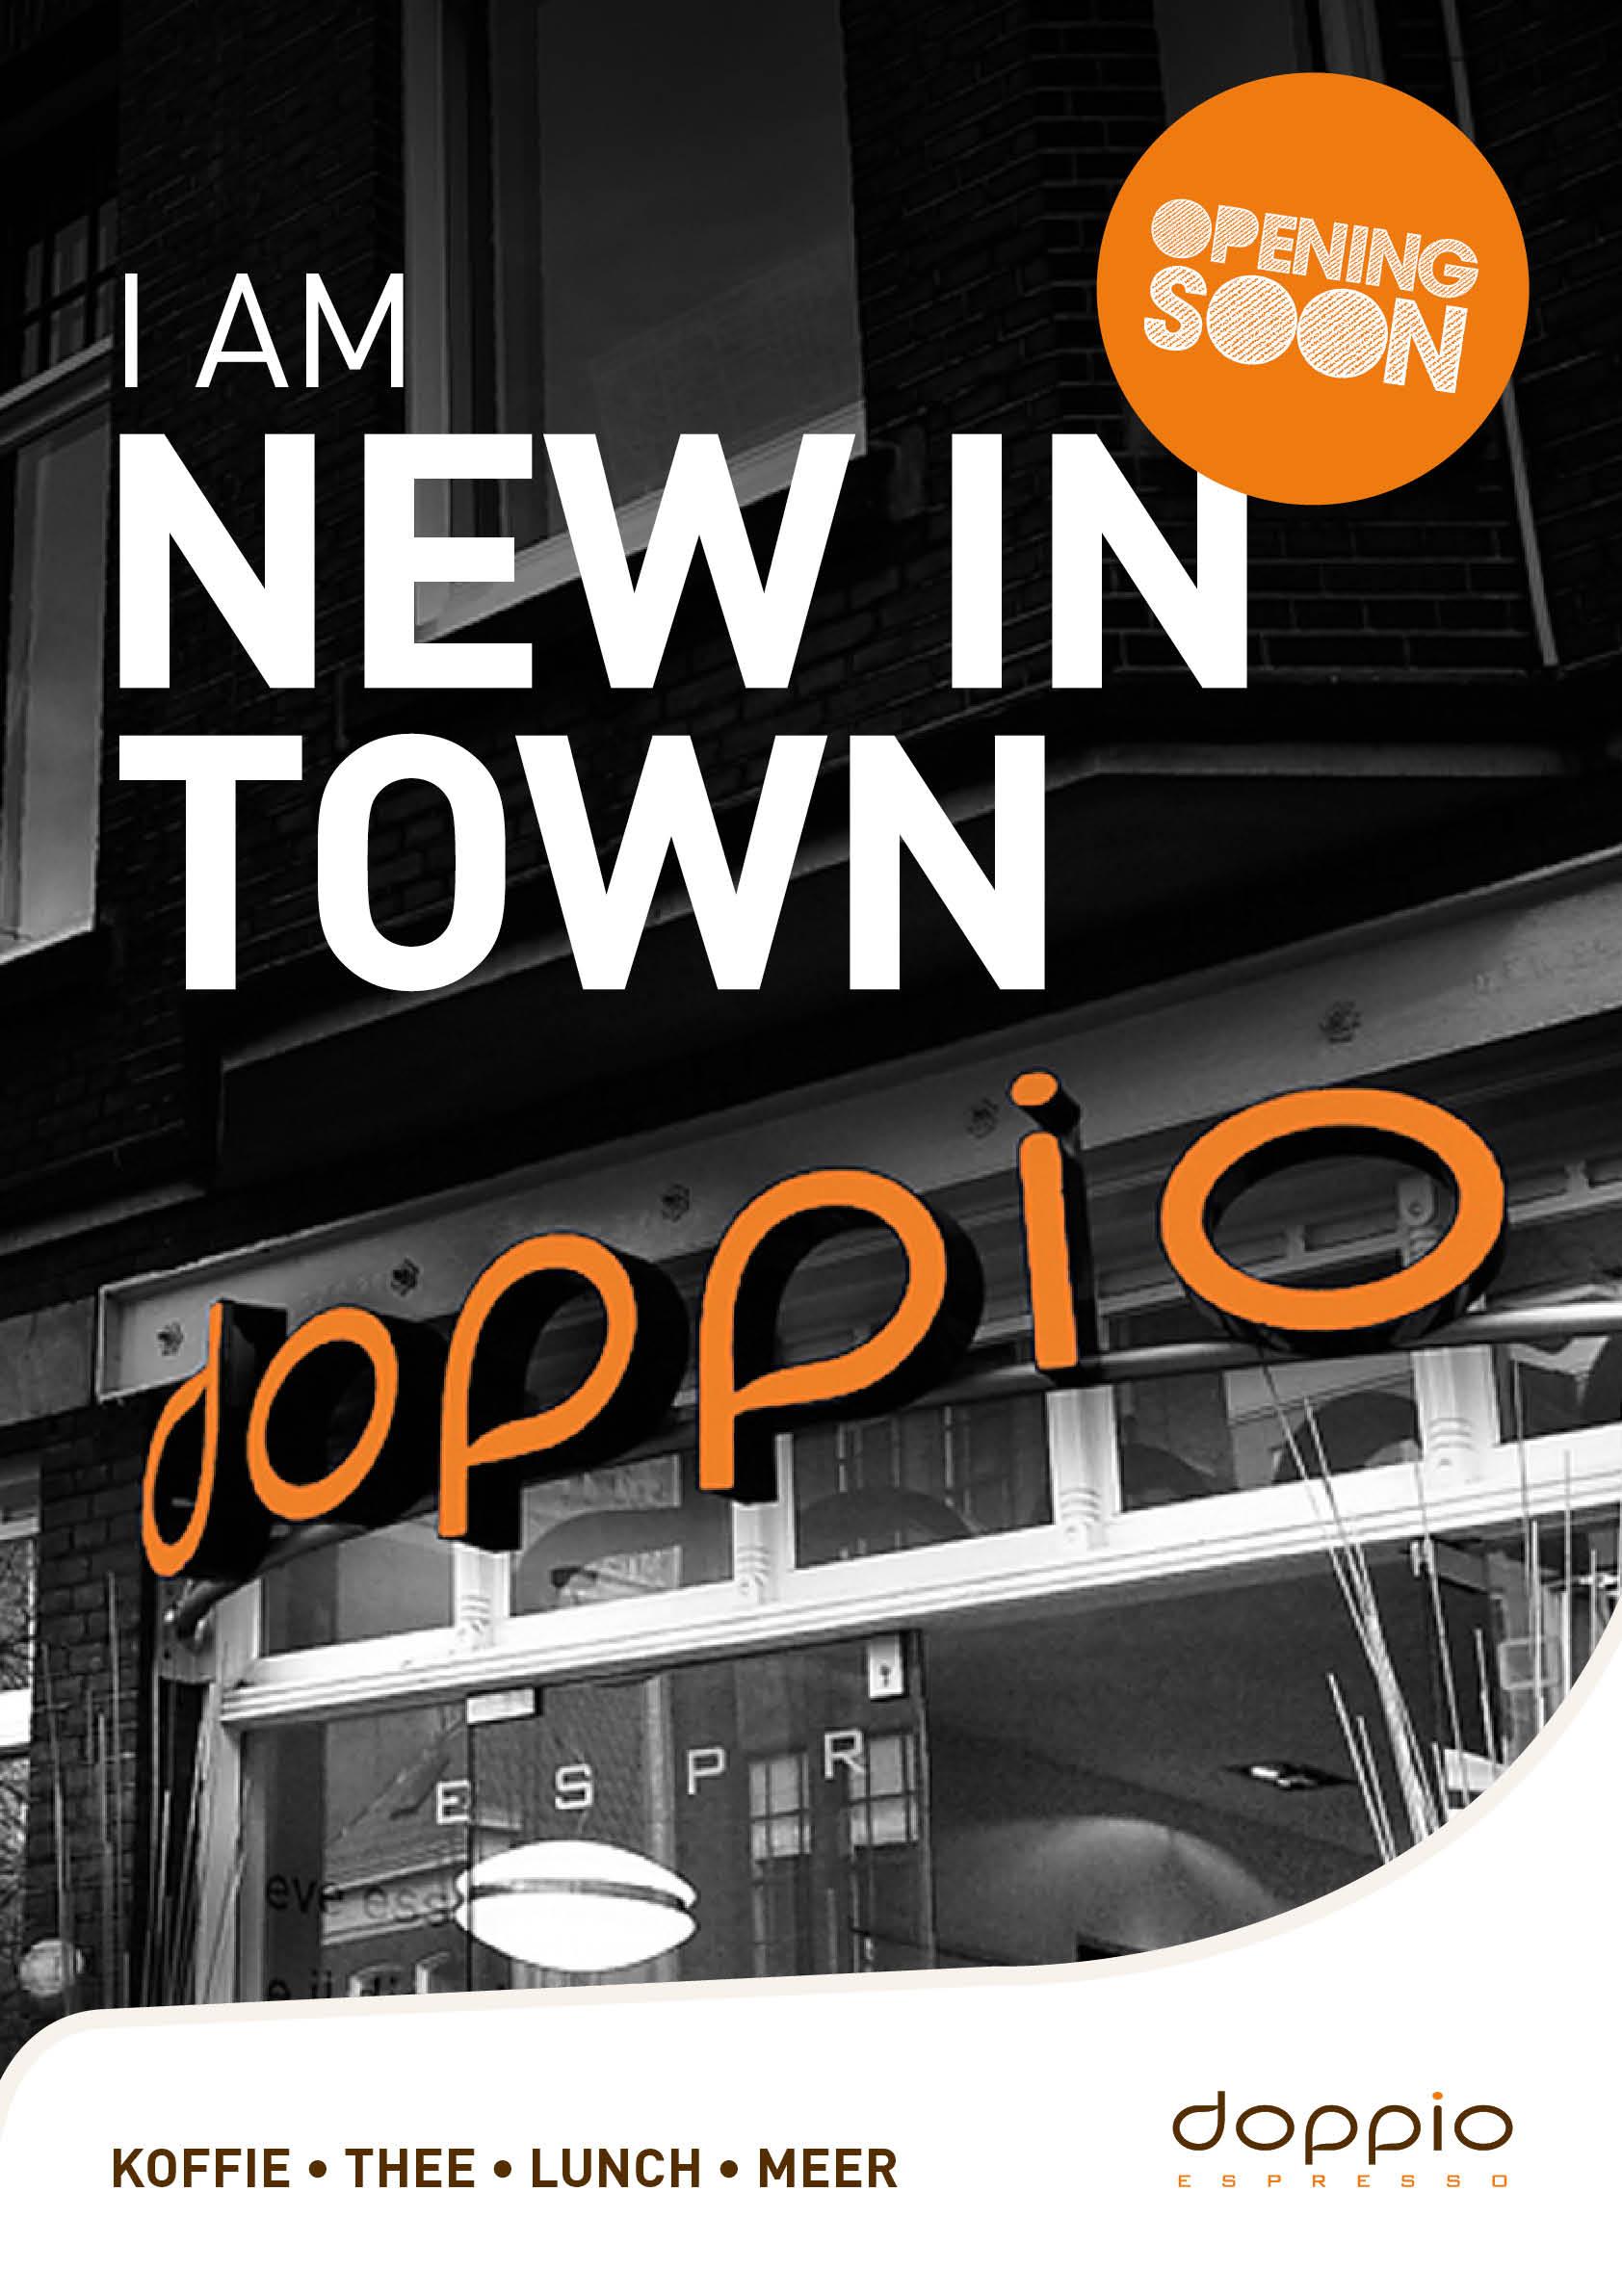 De crowdfundingactie van Doppio Espresso is succesvol verlopen. Daarmee is de weg vrij om een geweldige zaak te openen aan de Nobelstraat.